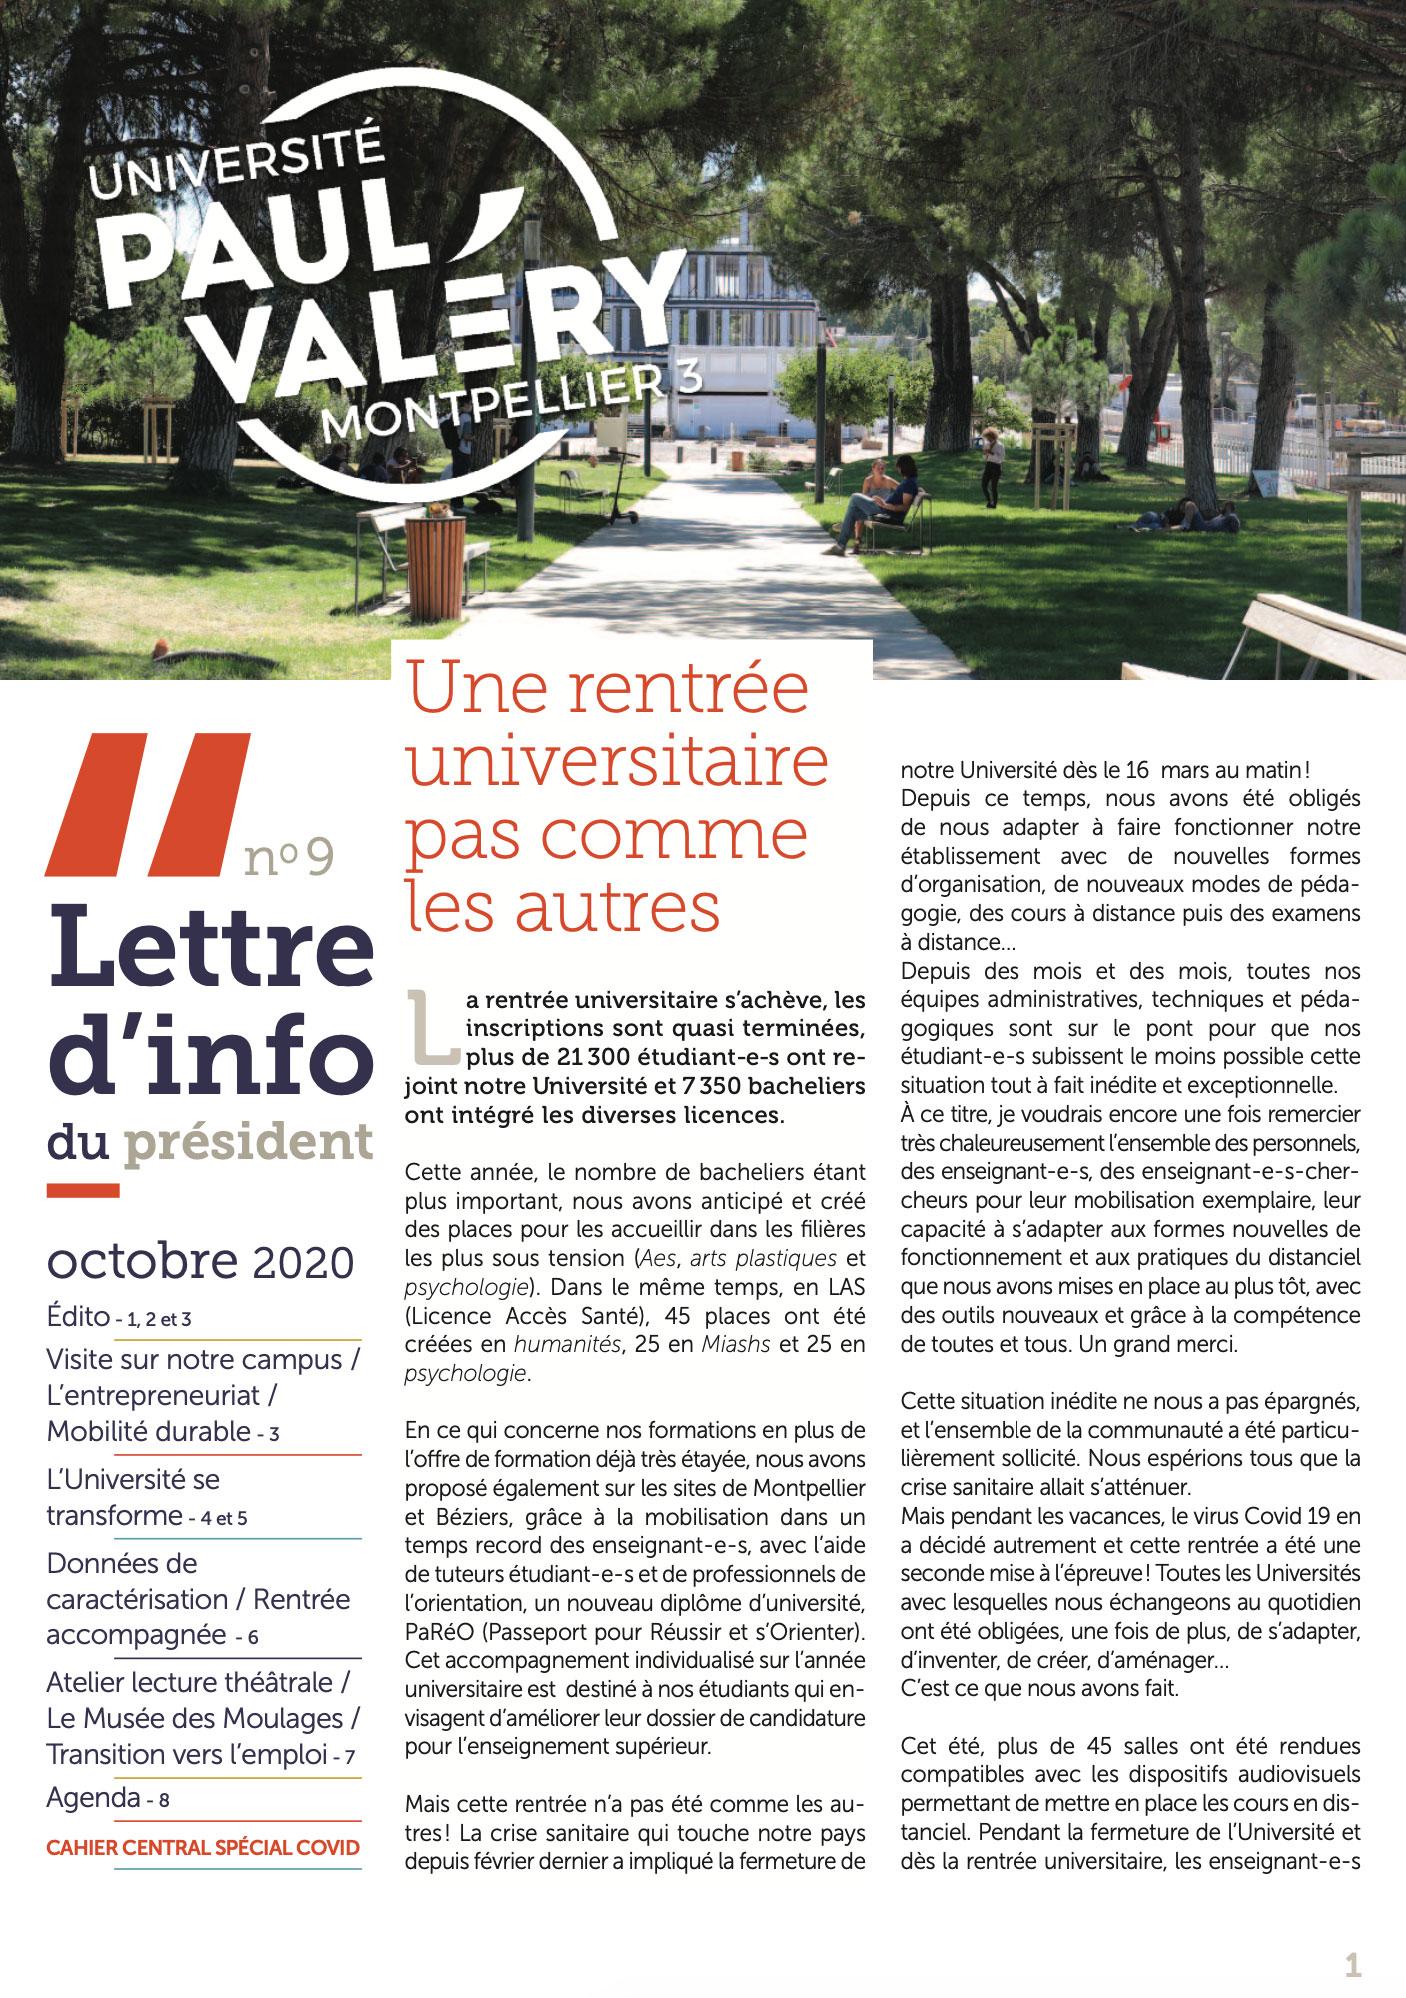 La lettre d'info du Président de l'Université Paul-Valéry Montpellier 3 page 01